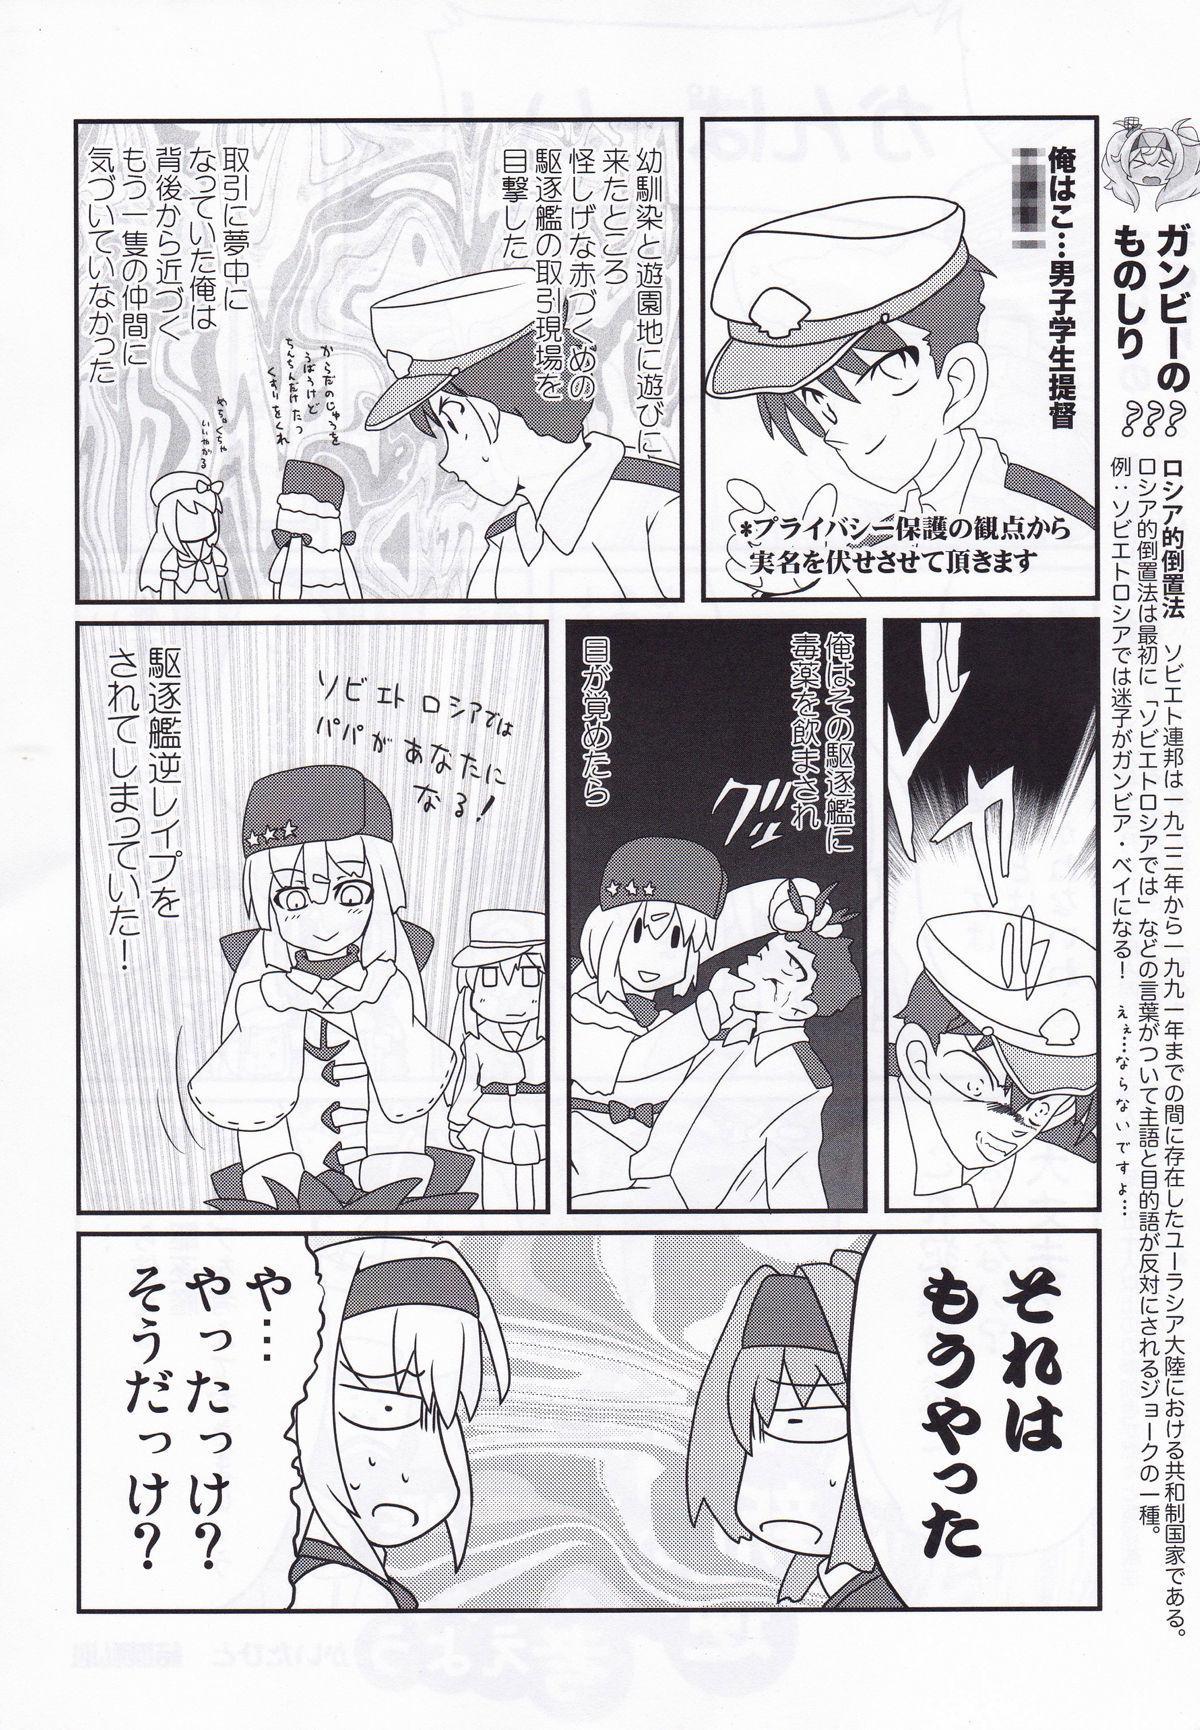 Kuchikukan Gyaku Rape Goudou 3 Ruihan 92